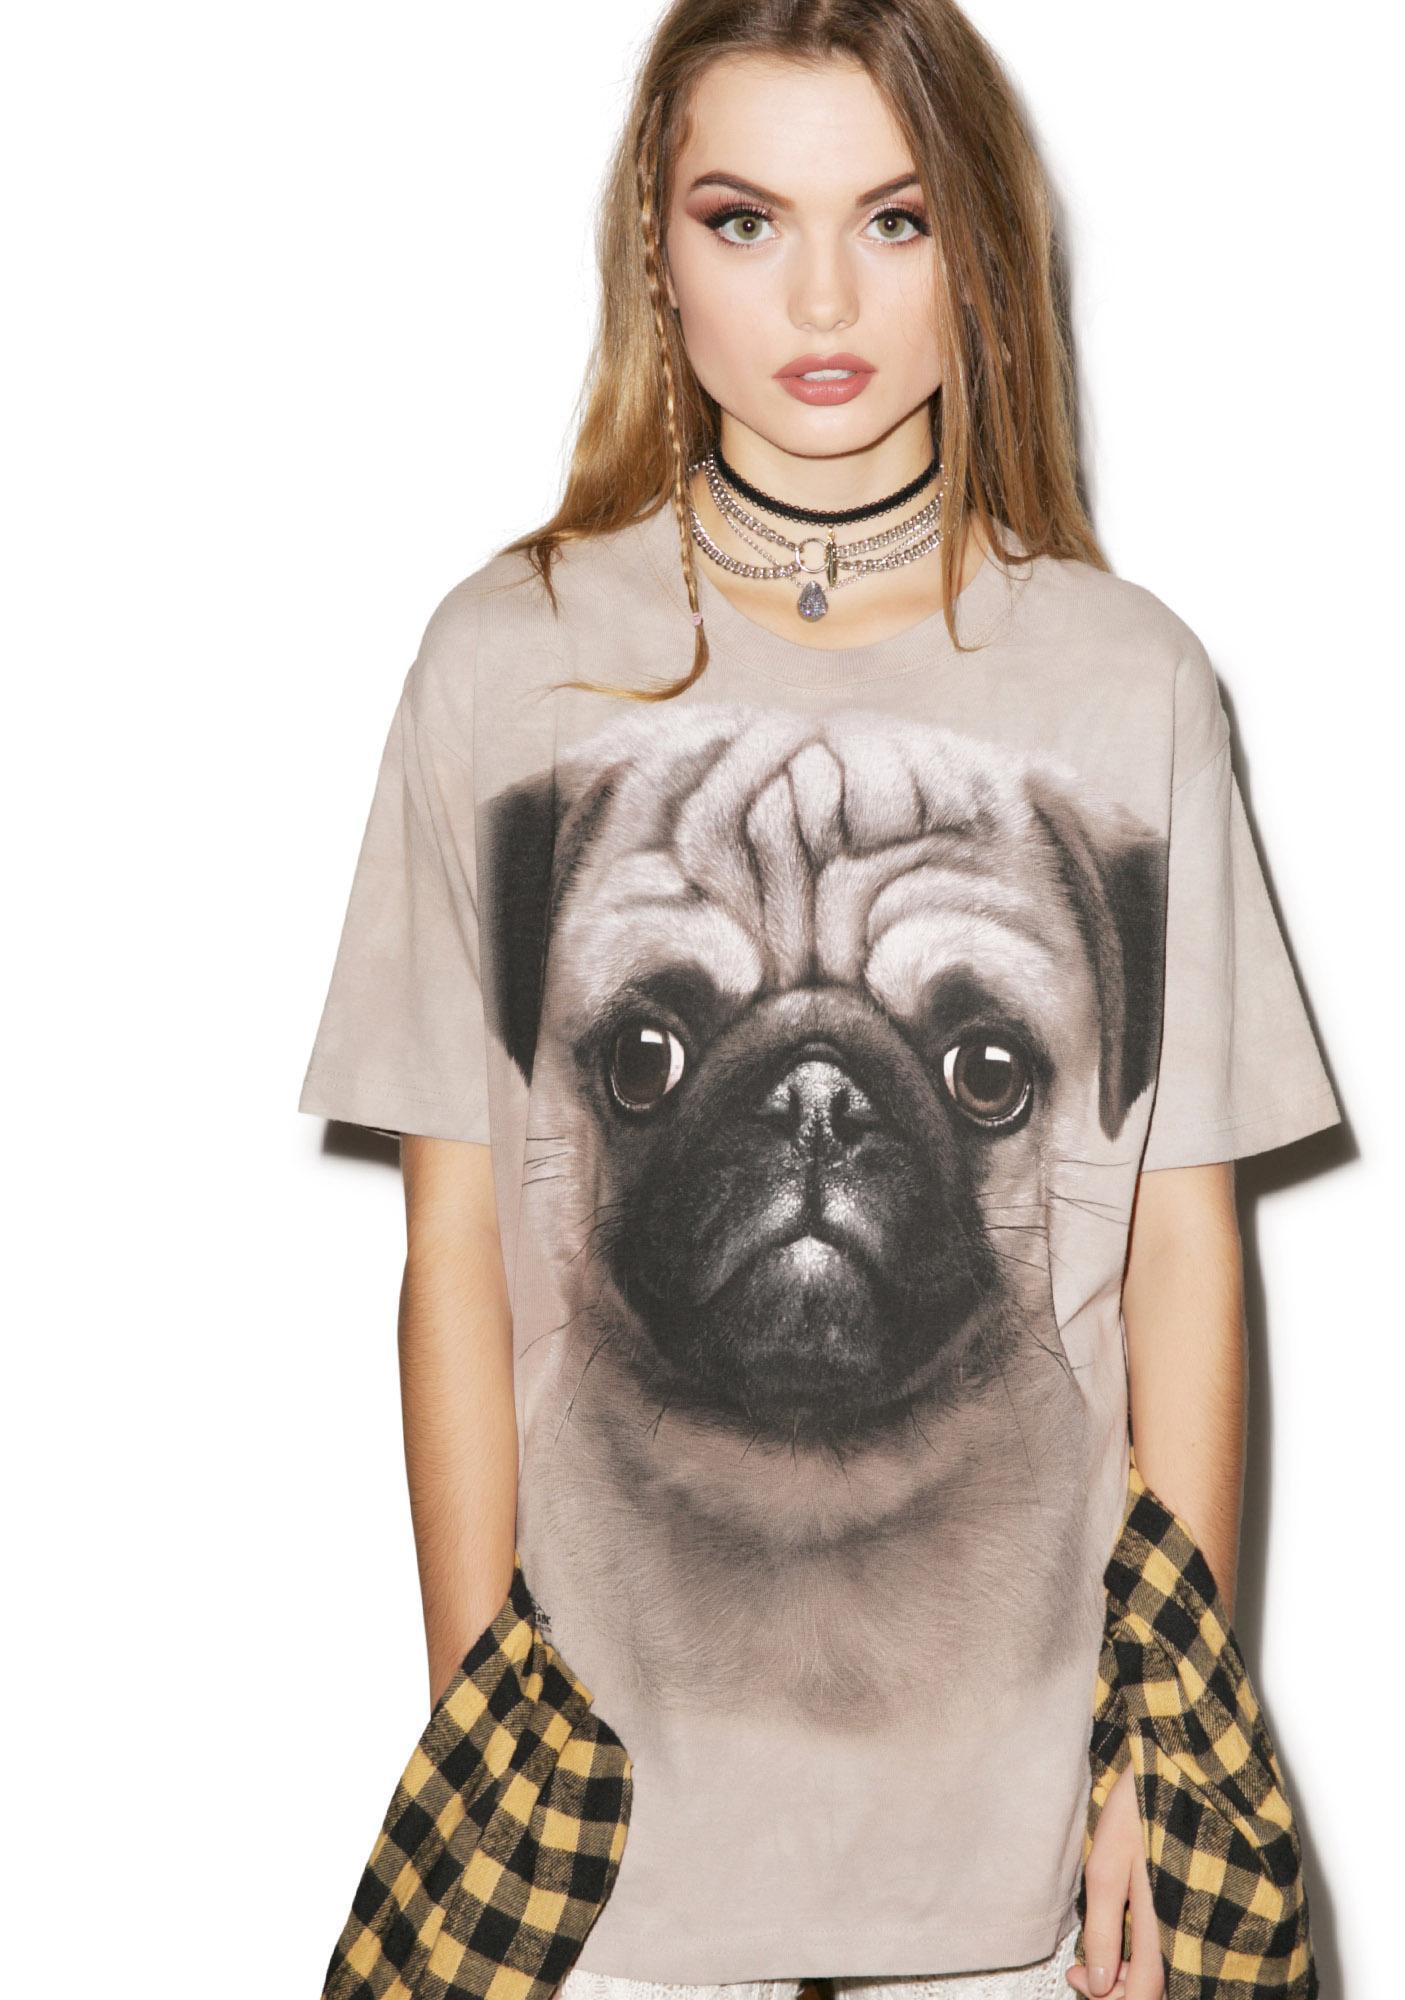 Pug Puppy Top